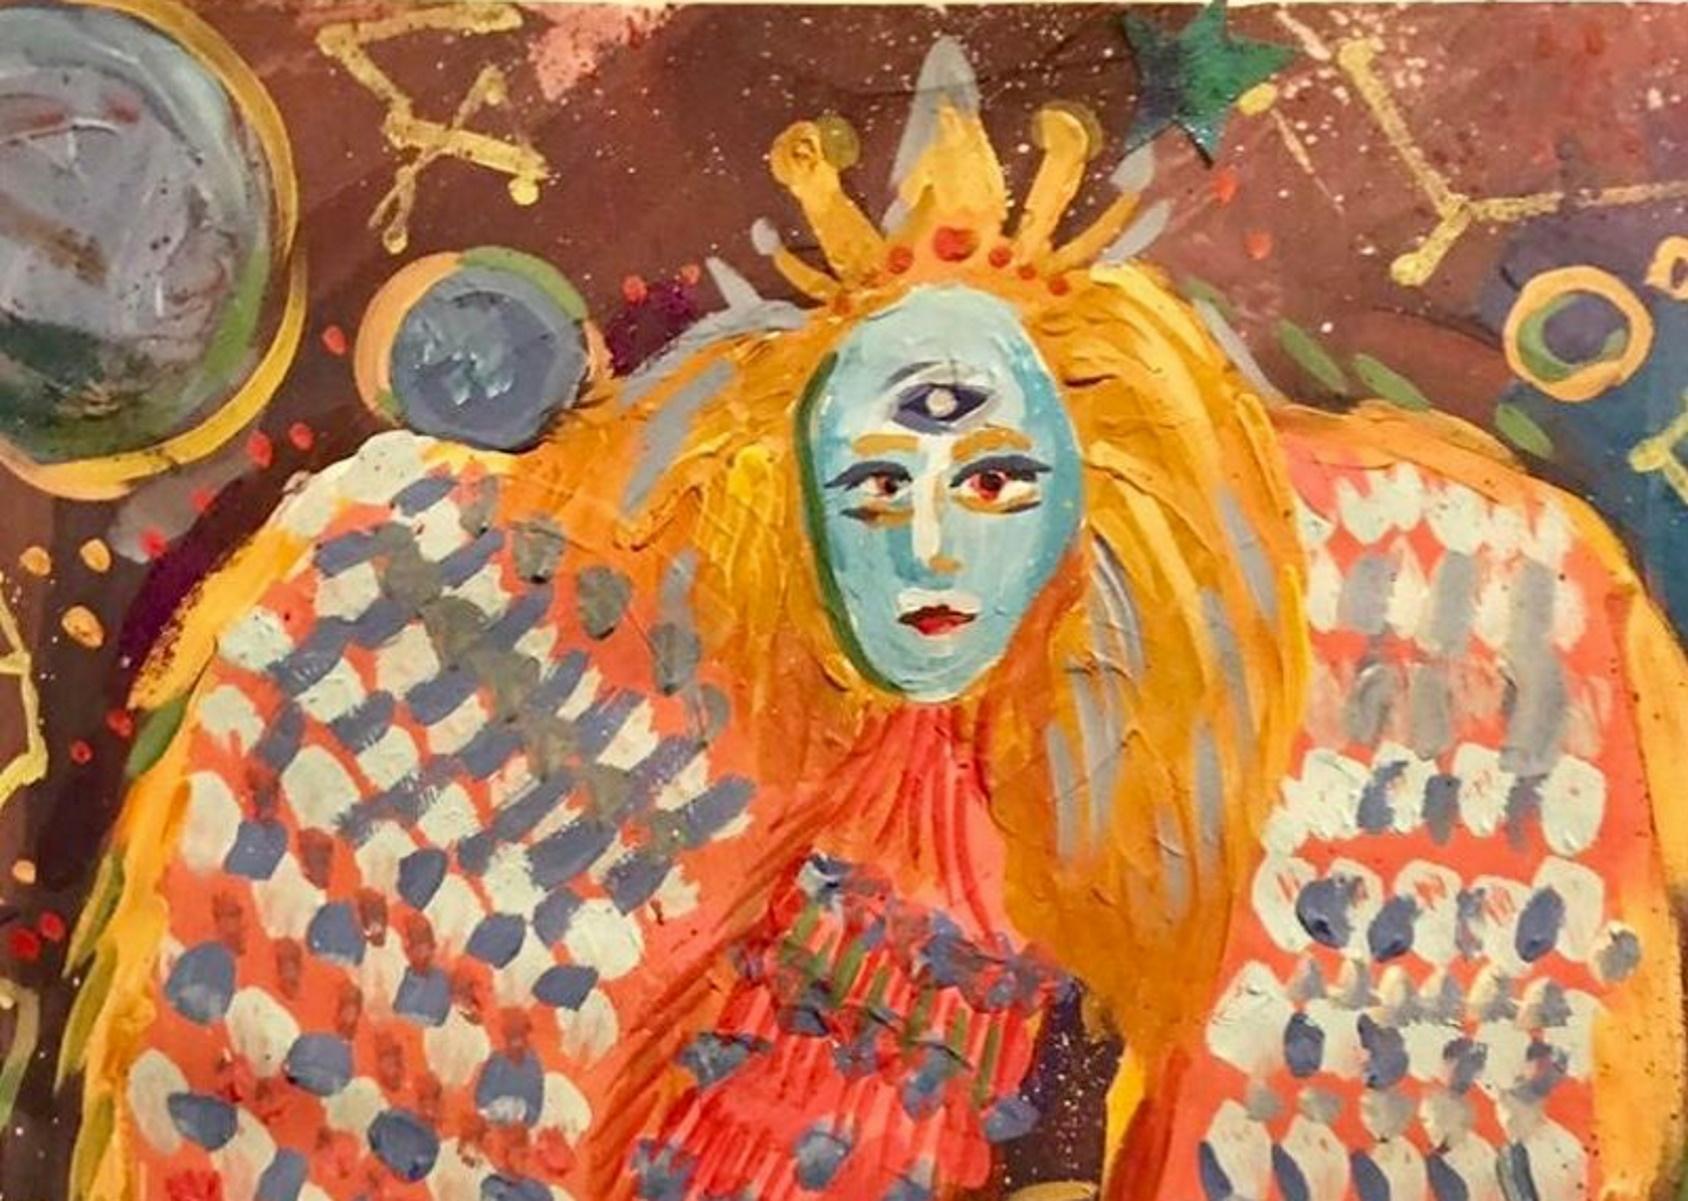 Με μία ζωγραφιά η 9χρονη  Ουλιάνα κέρδισε δωρεάν διακοπές στη Χαλκιδική (pics)